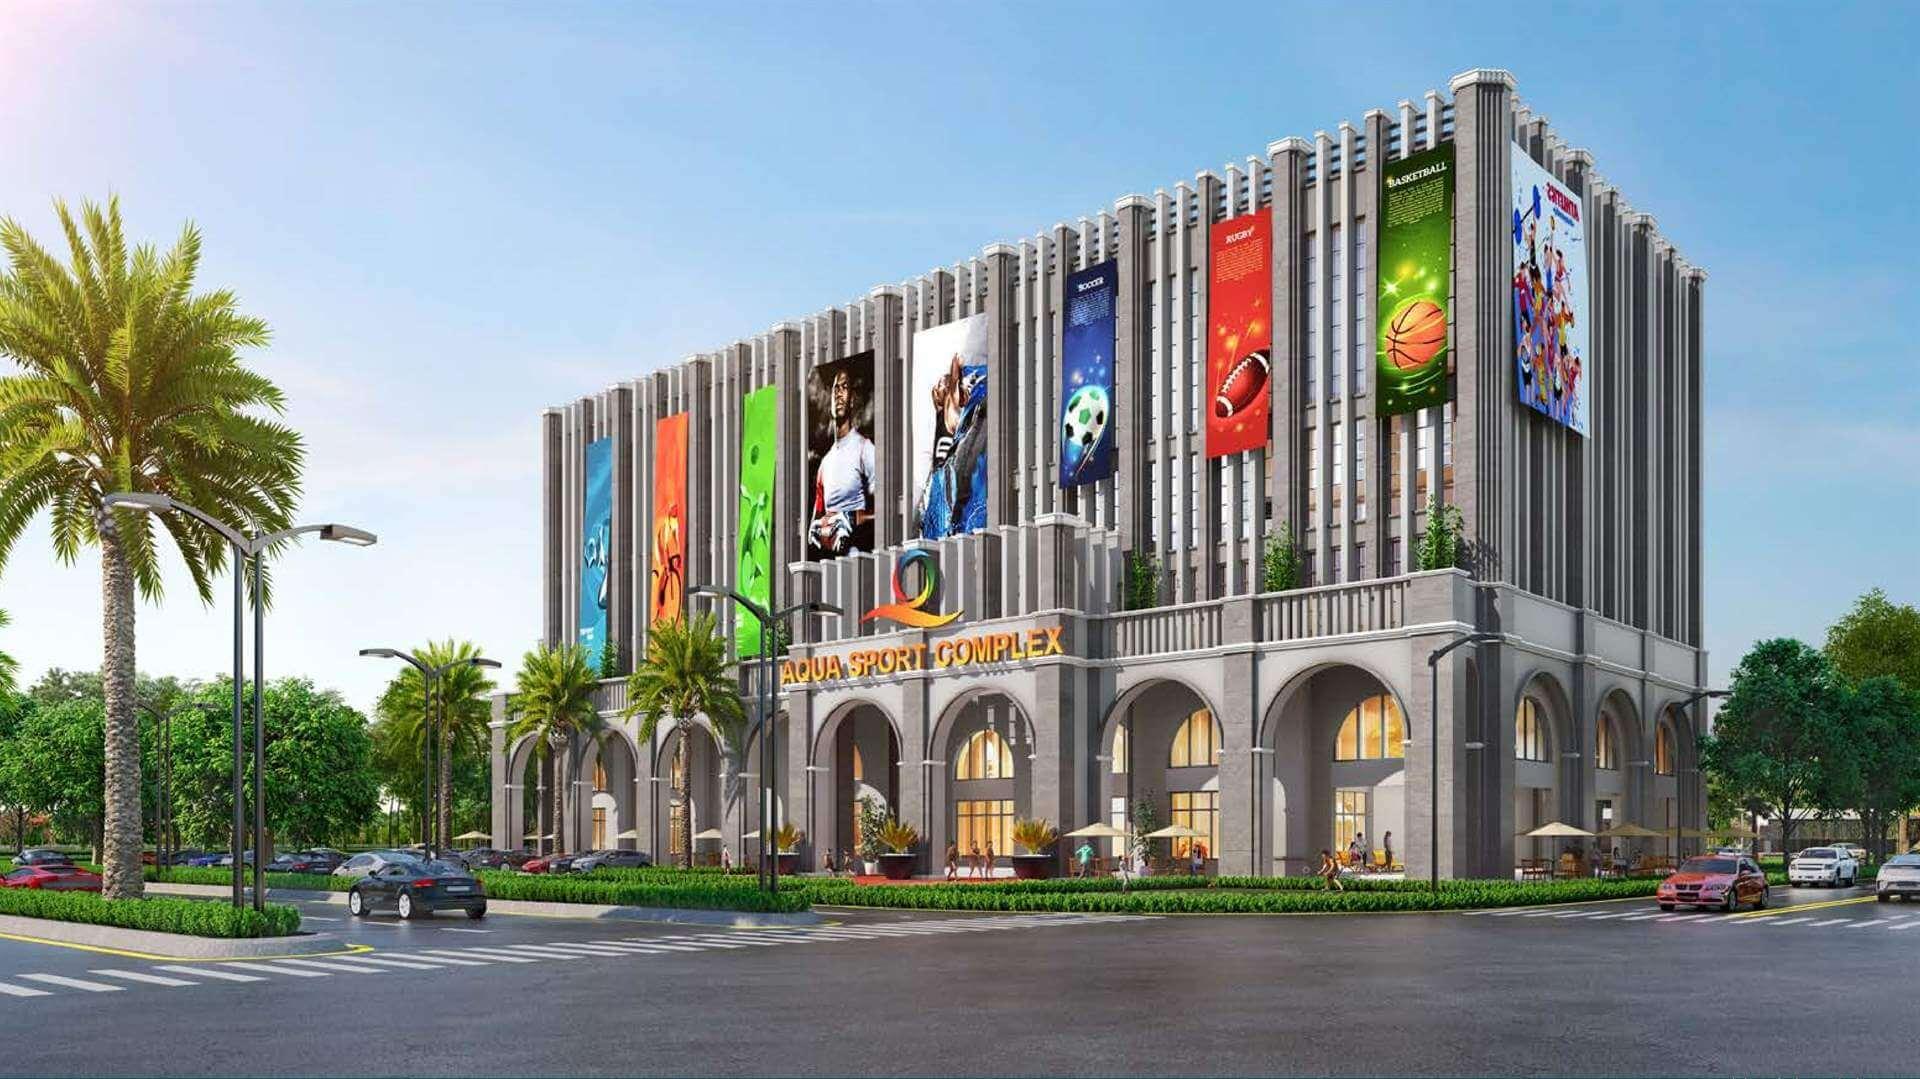 Aqua-Sport-Complex-8400m2-phoenixsouth-Aqua-City-Dao-Phuong-Hoang